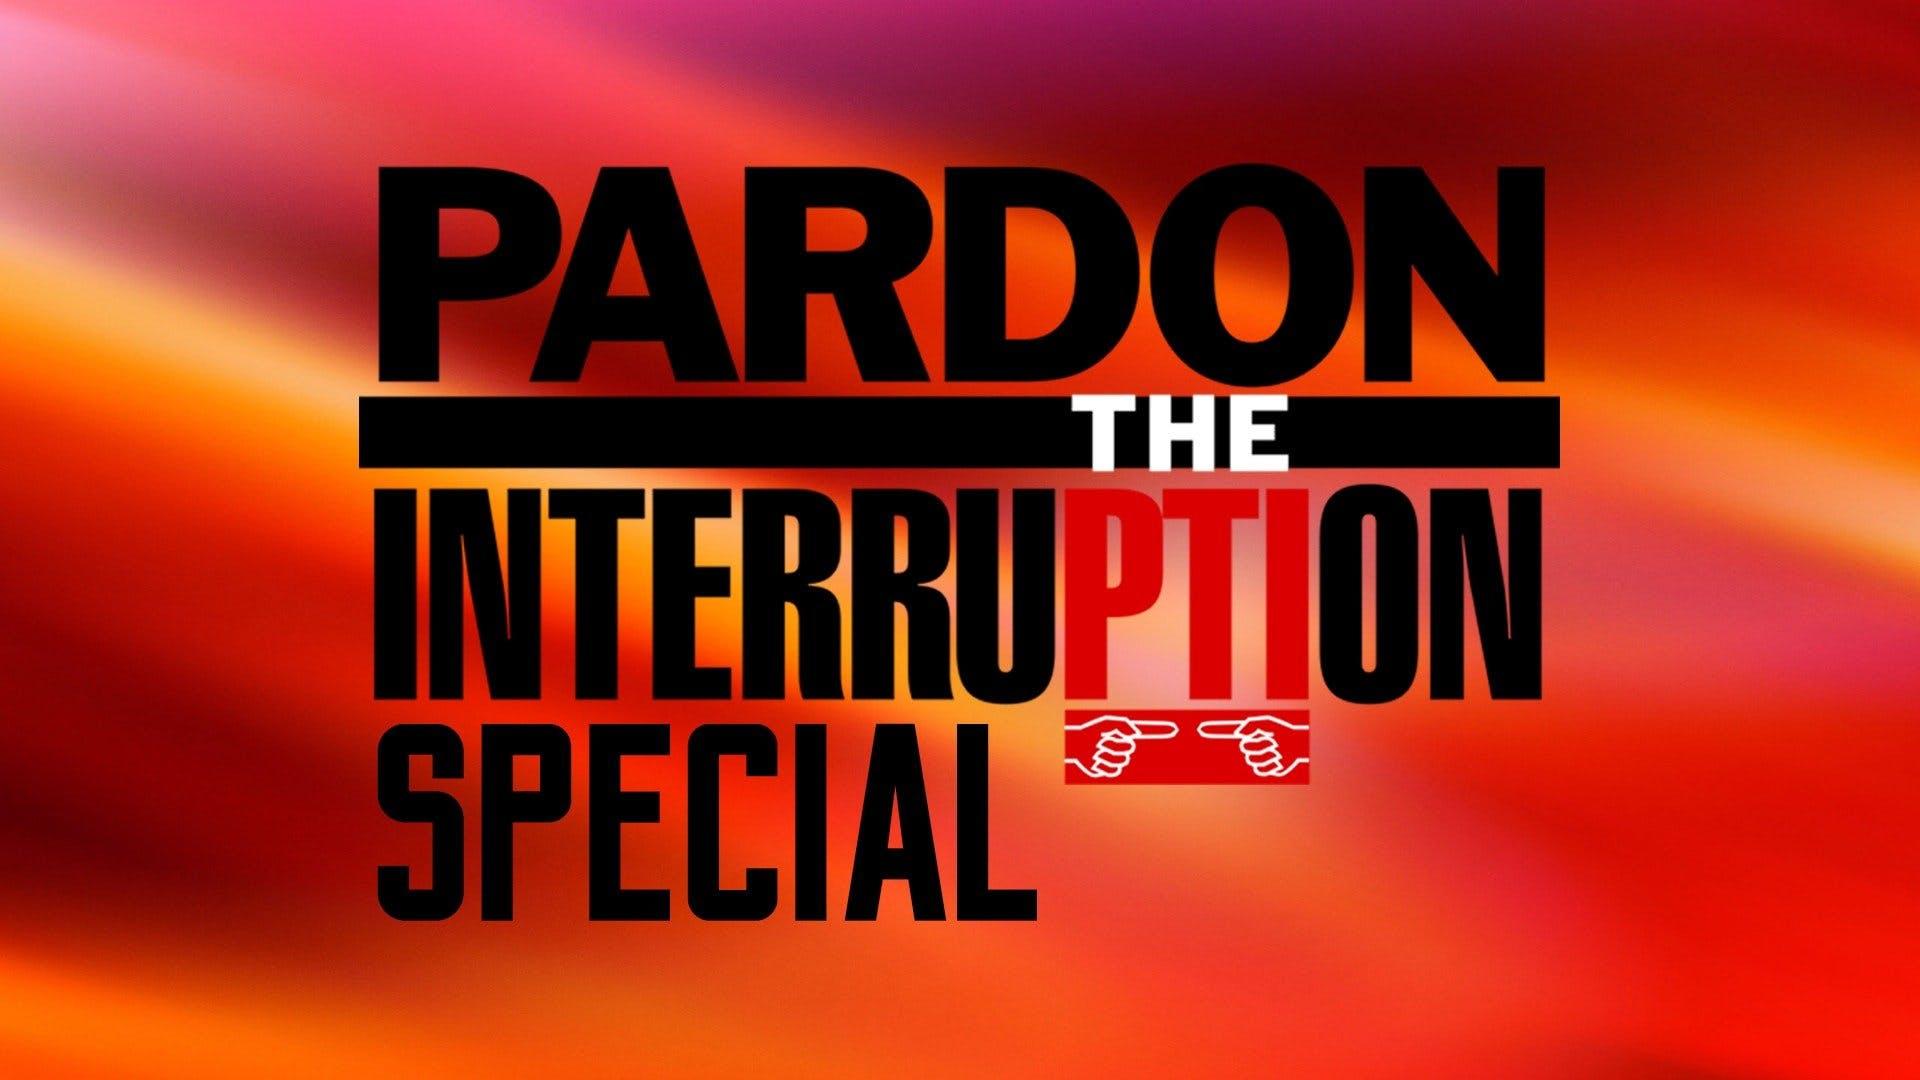 Watch Pardon the Interruption Special   Stream on fuboTV